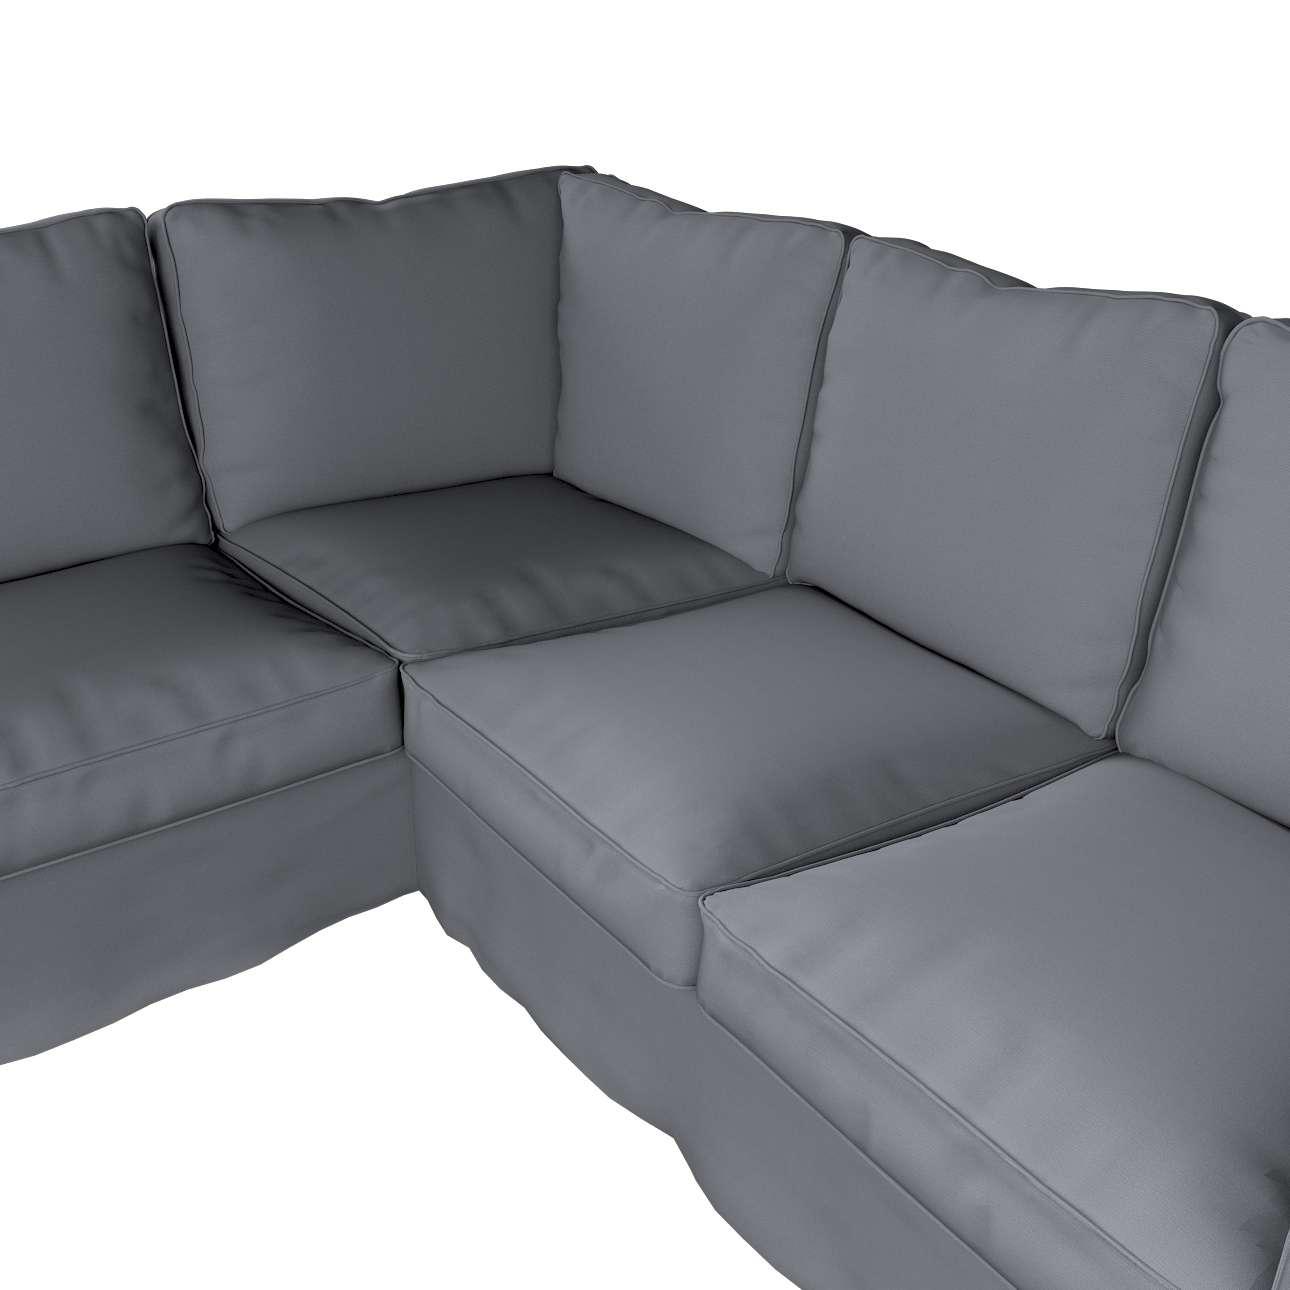 Pokrowiec na sofę narożną Ektorp w kolekcji Cotton Panama, tkanina: 702-07